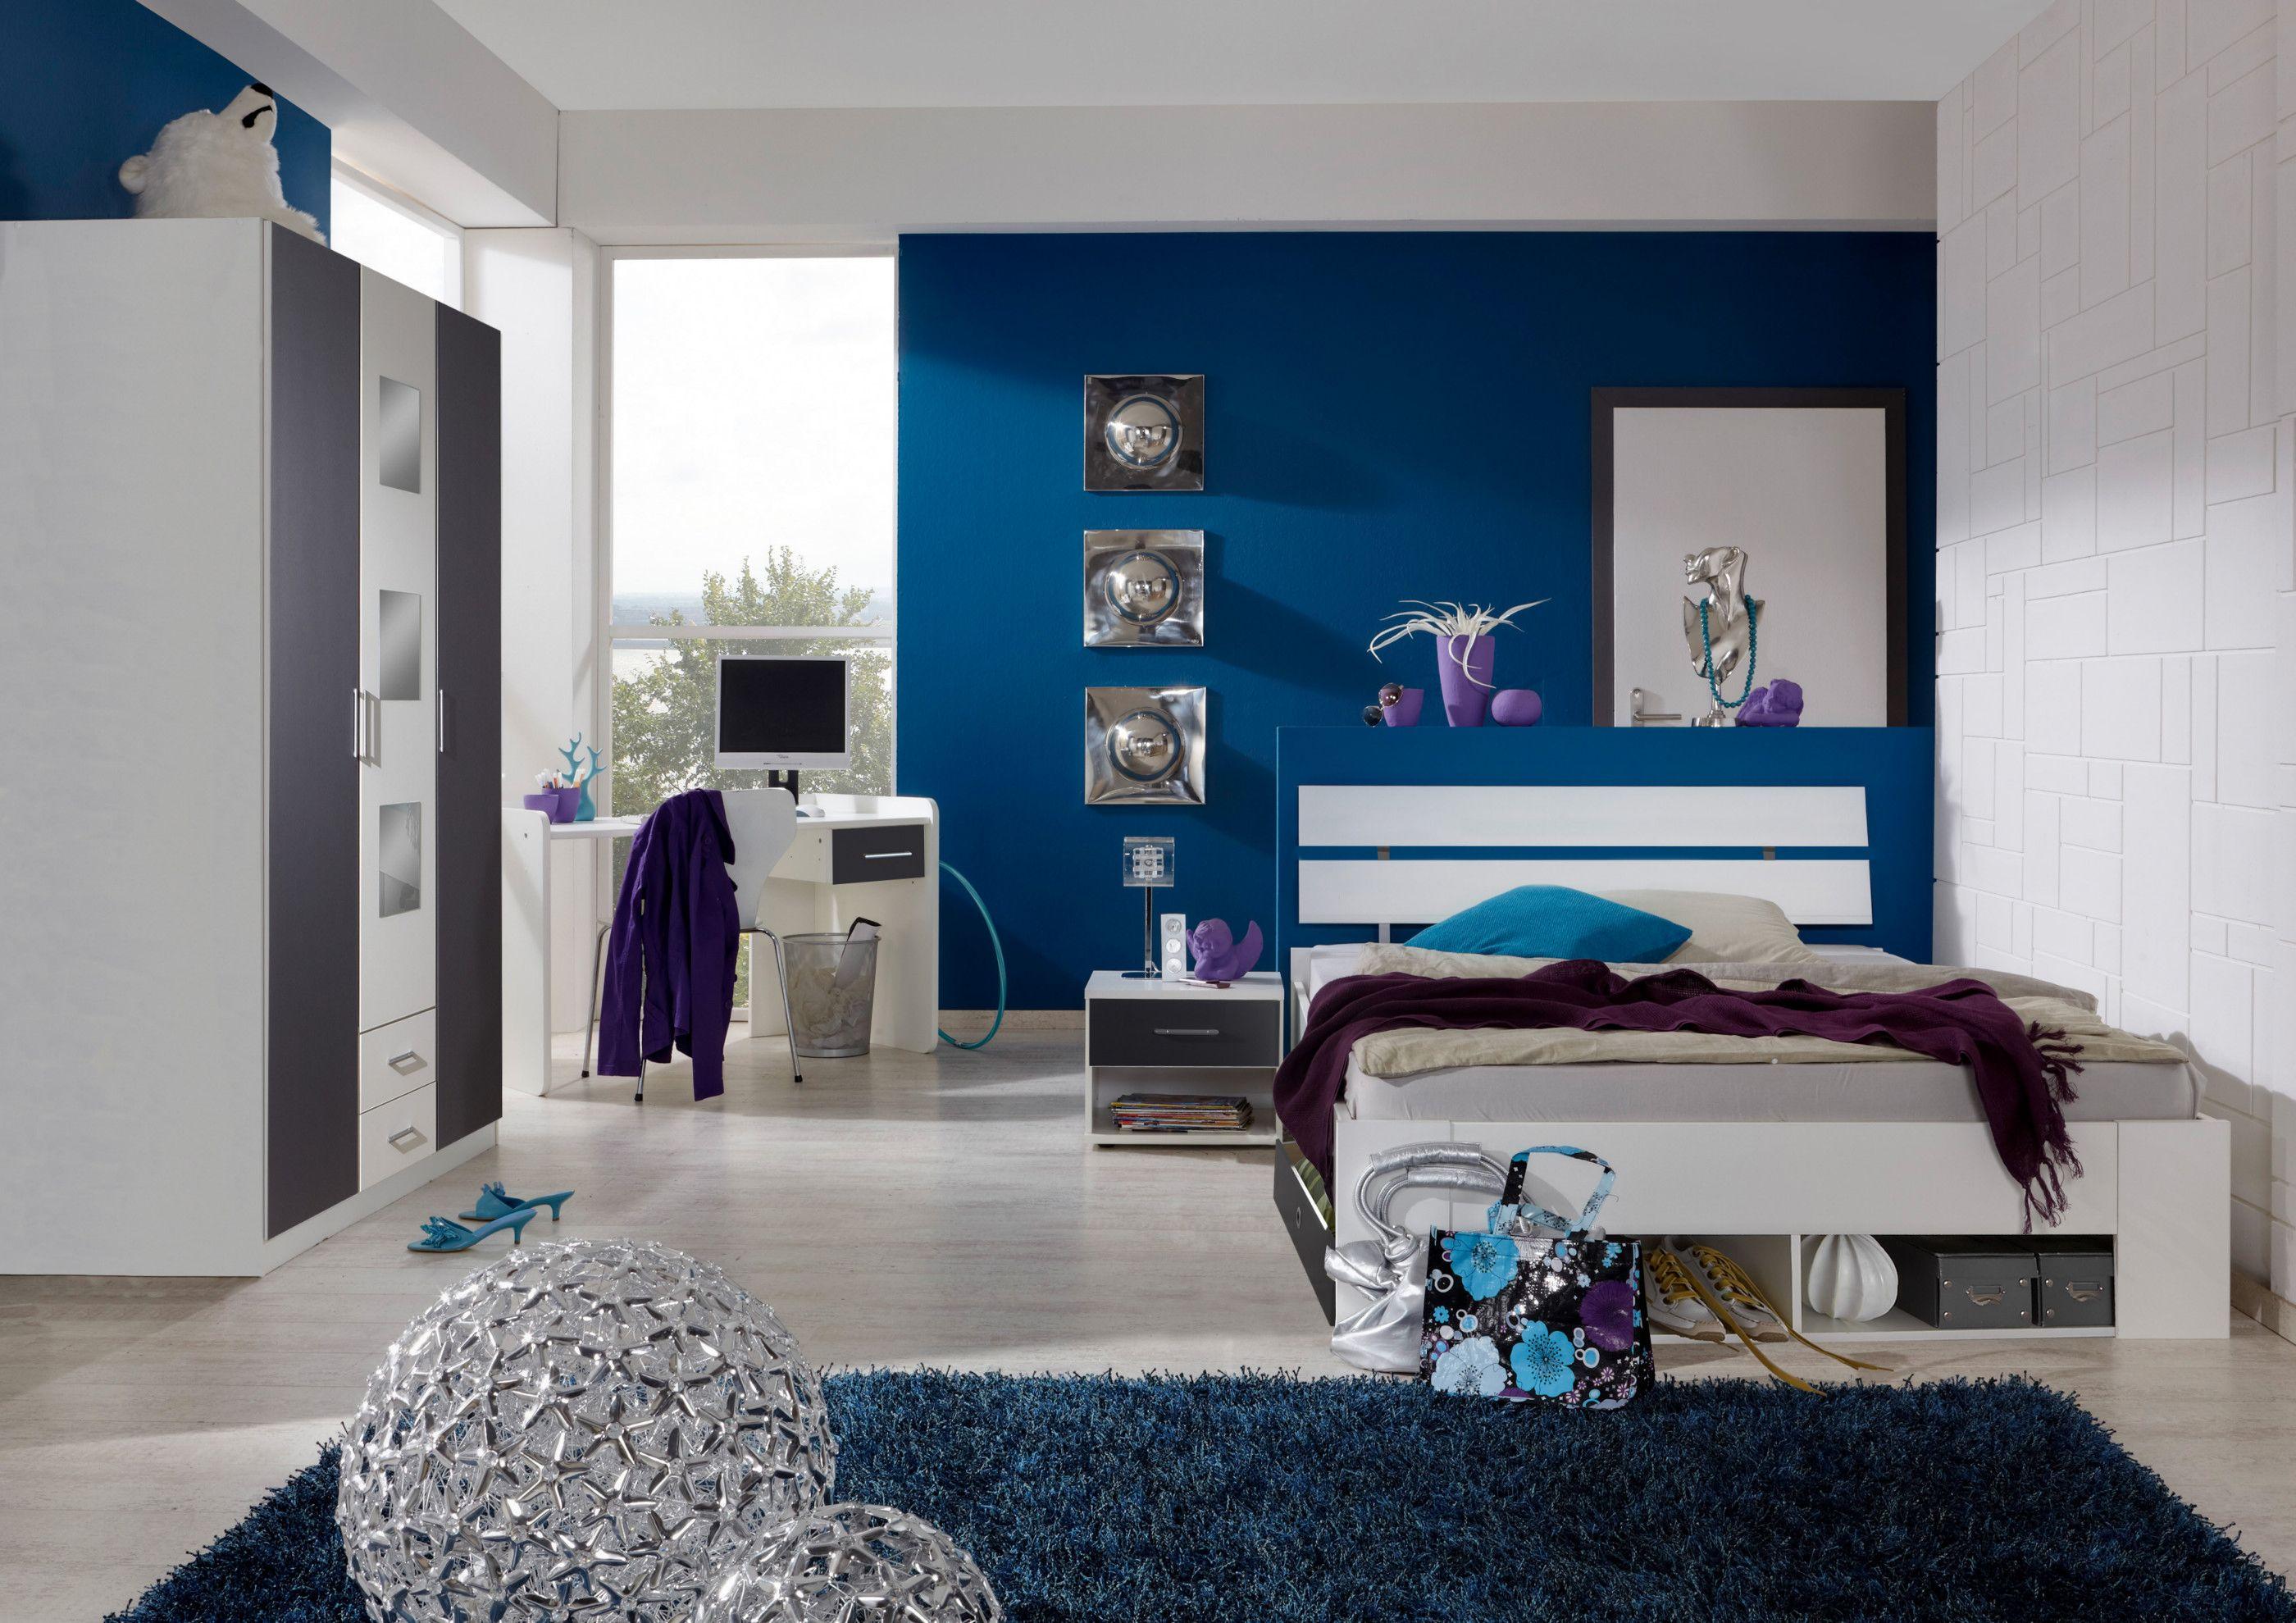 Jugendzimmer Mit Bett 140 X 200 Cm Alpinweiss Anthrazit Woody 132 01423 Modern Jetzt Bestellen U Modernes Schlafzimmer Design Modernes Schlafzimmer Bett Ideen